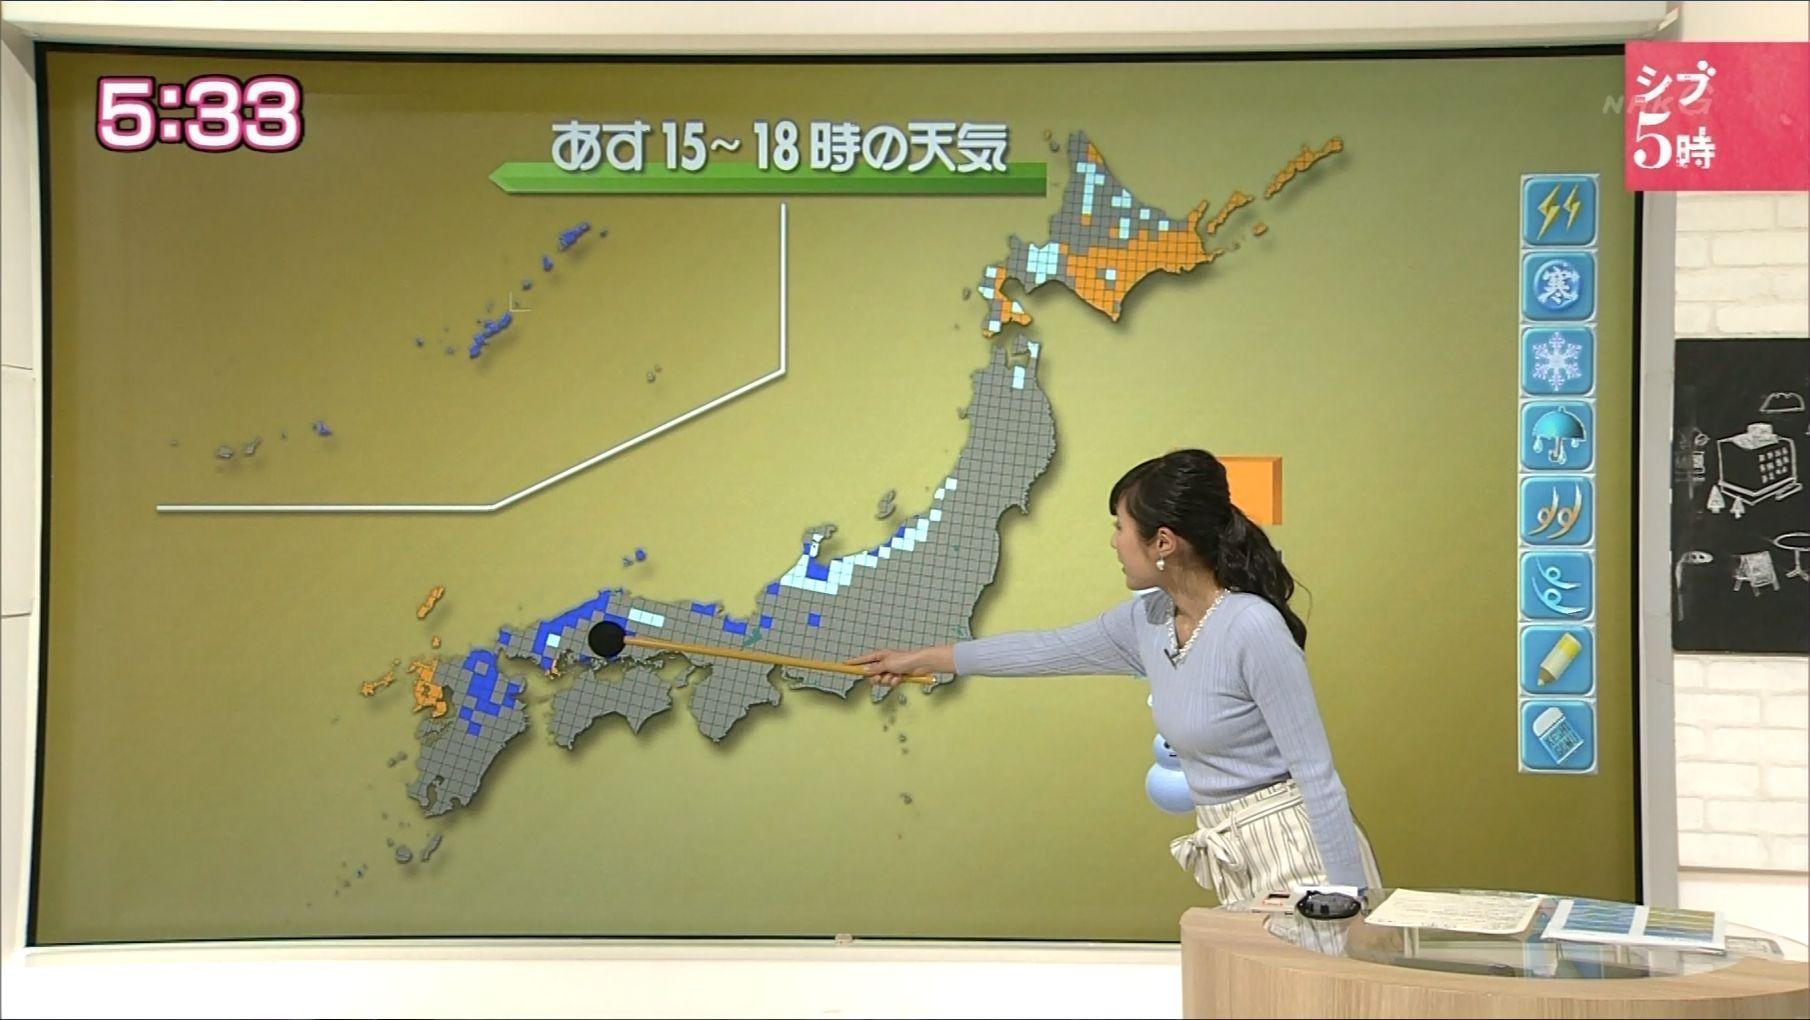 【気象予報士】平野有海Part2【ニュース シブ5時】 [転載禁止]©2ch.netYouTube動画>3本 ->画像>308枚